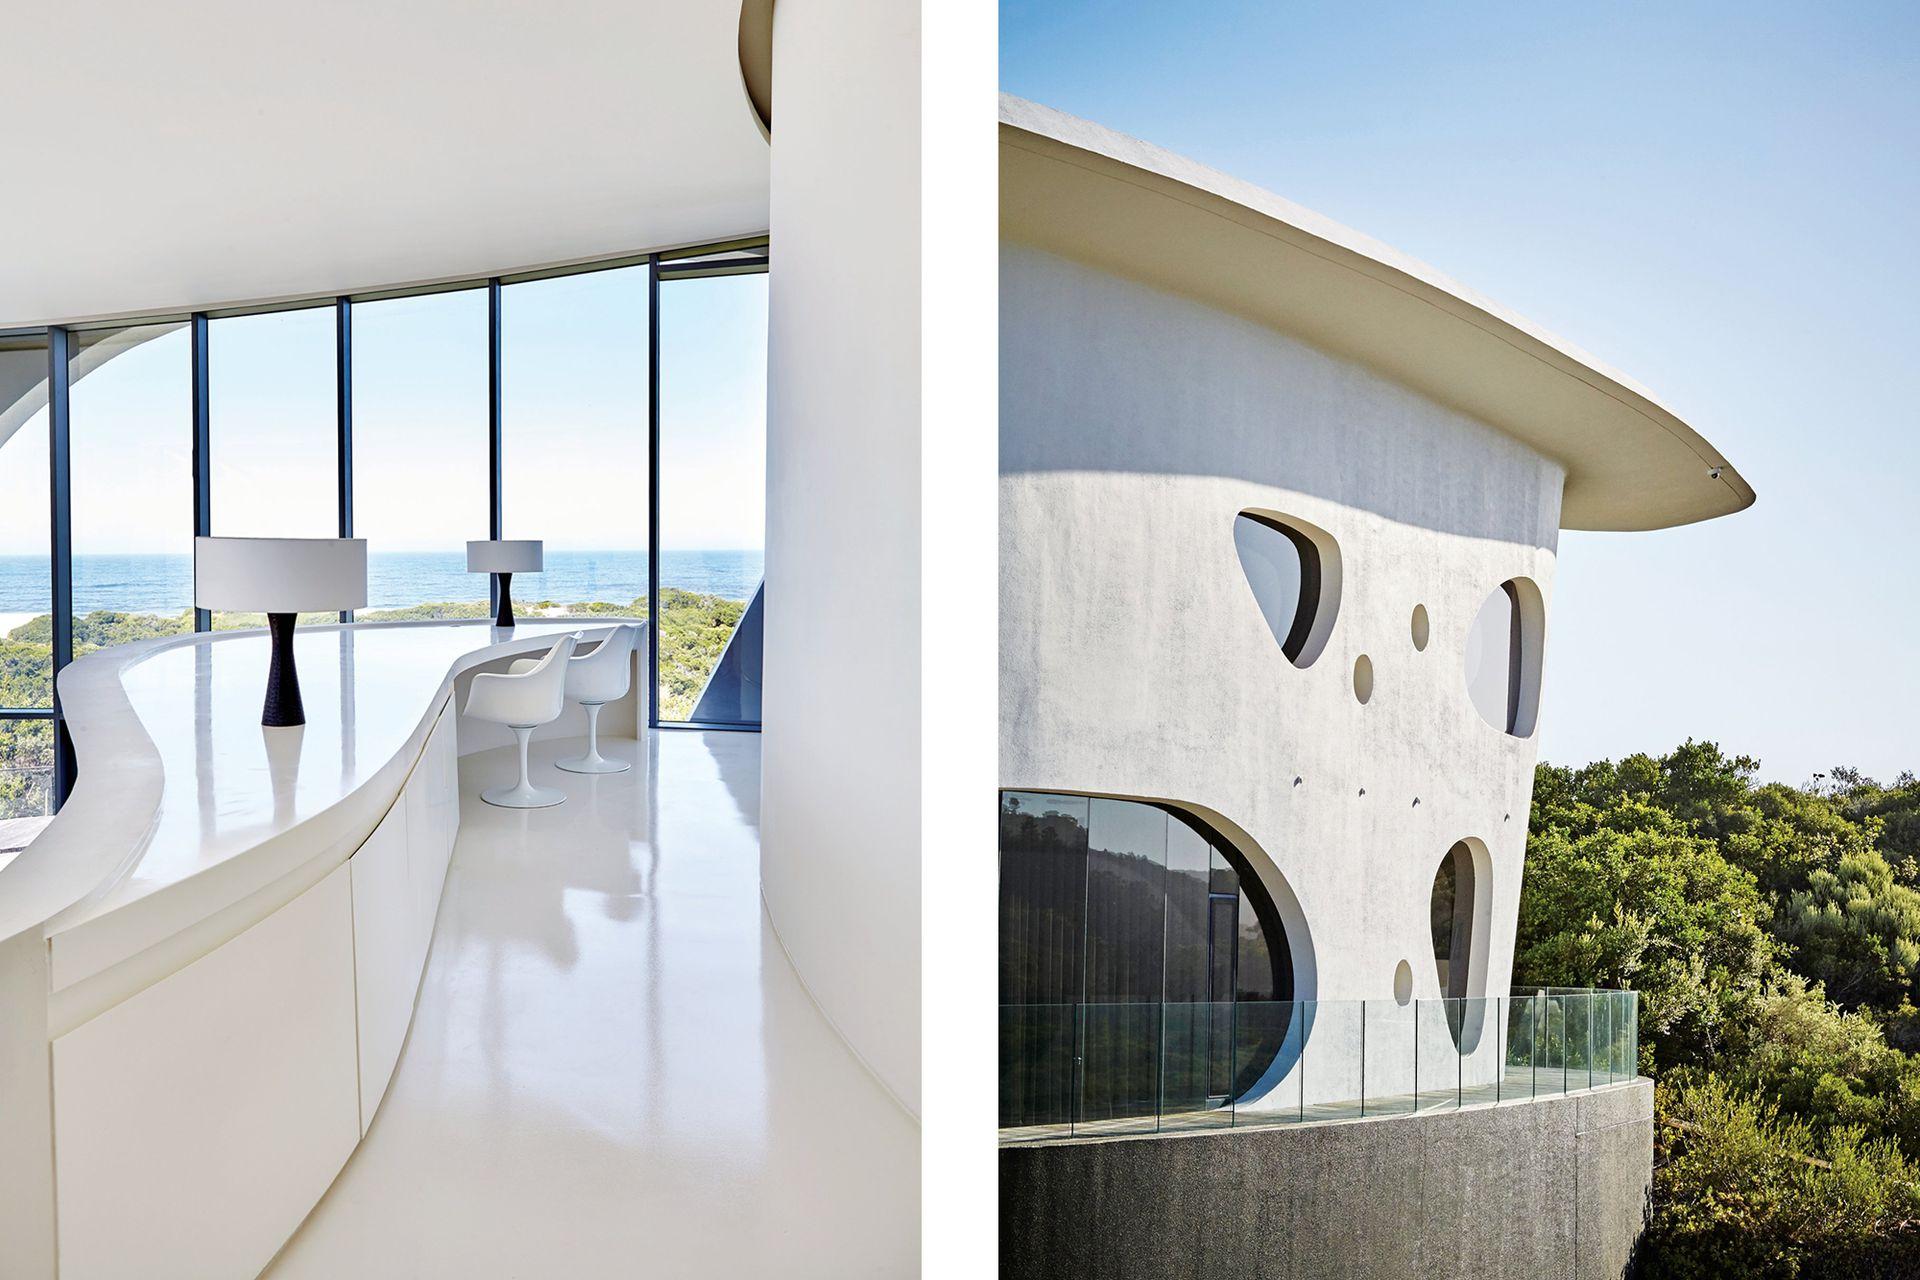 El escritorio del piso superior se hace parte de la arquitectura y ofrece una hermosa vista del mar. Lo acompañan dos sillas 'Tulip'.